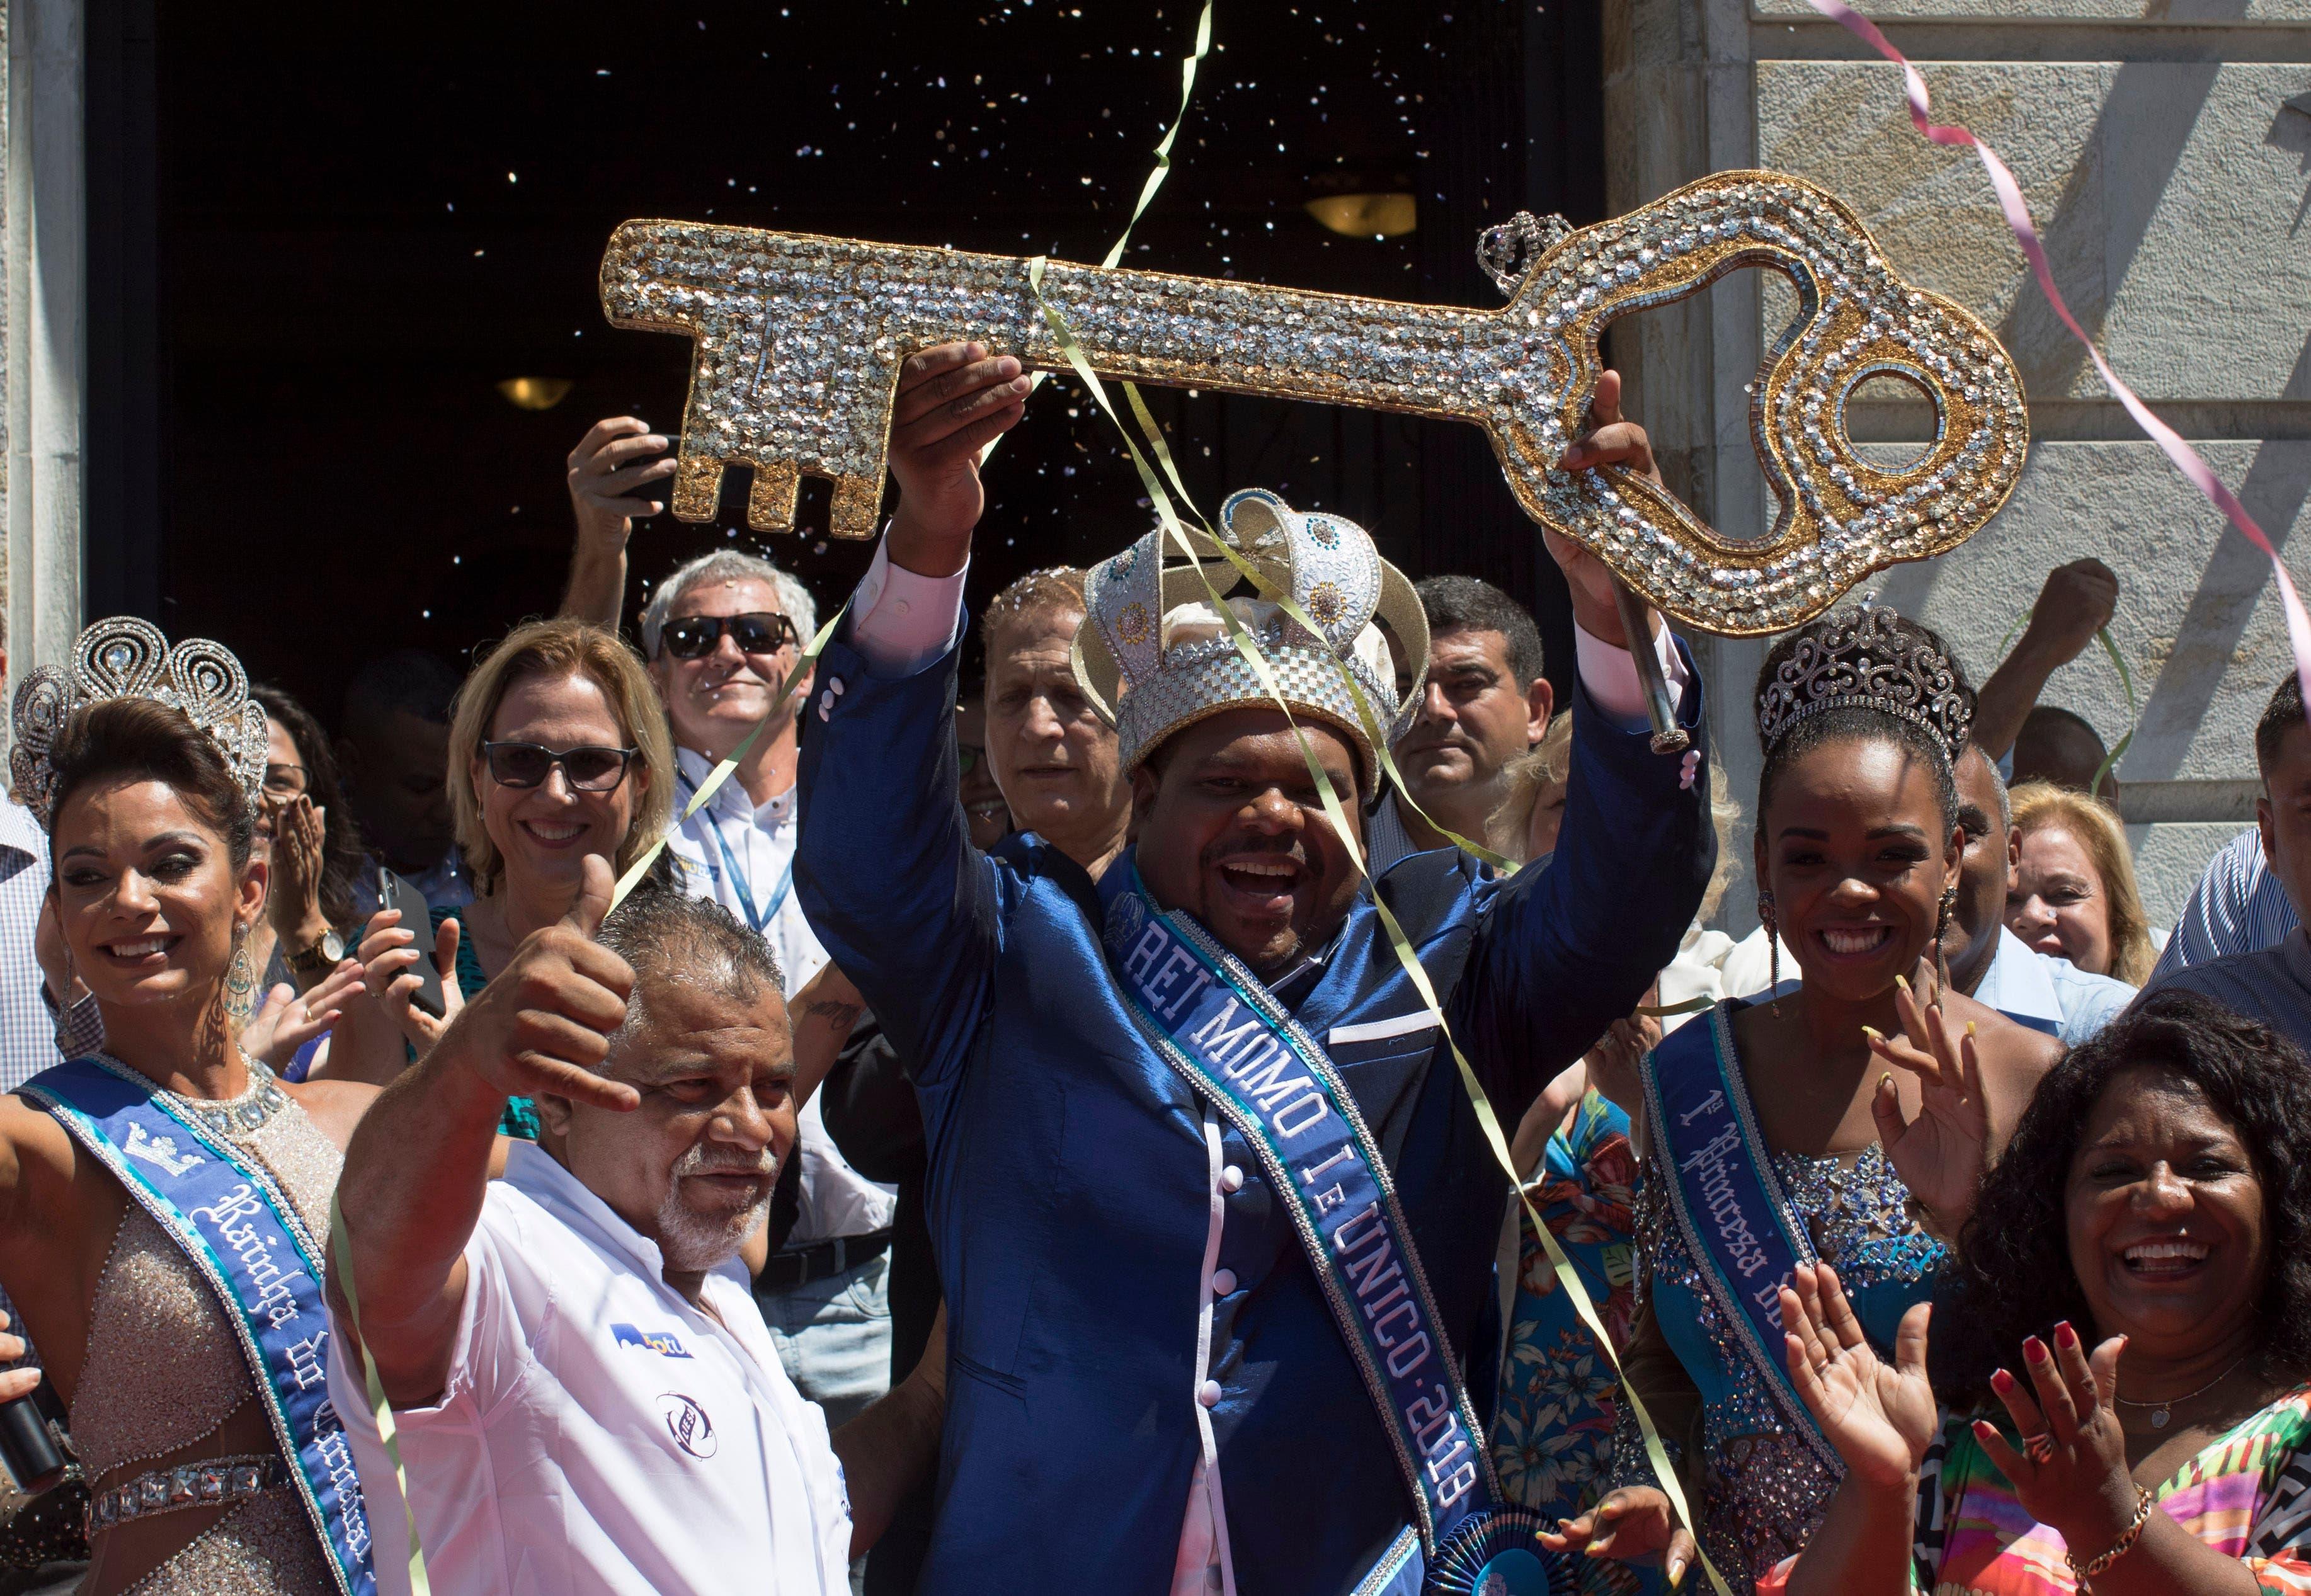 El Carnival King 2018 Momo, Milton Junior sostiene la llave de la ciudad en una ceremonia que marca el inicio oficial del Carnaval en Río de Janeiro, Brasil, el viernes 9 de febrero de 2018. (AP Photo / Leo Correa)